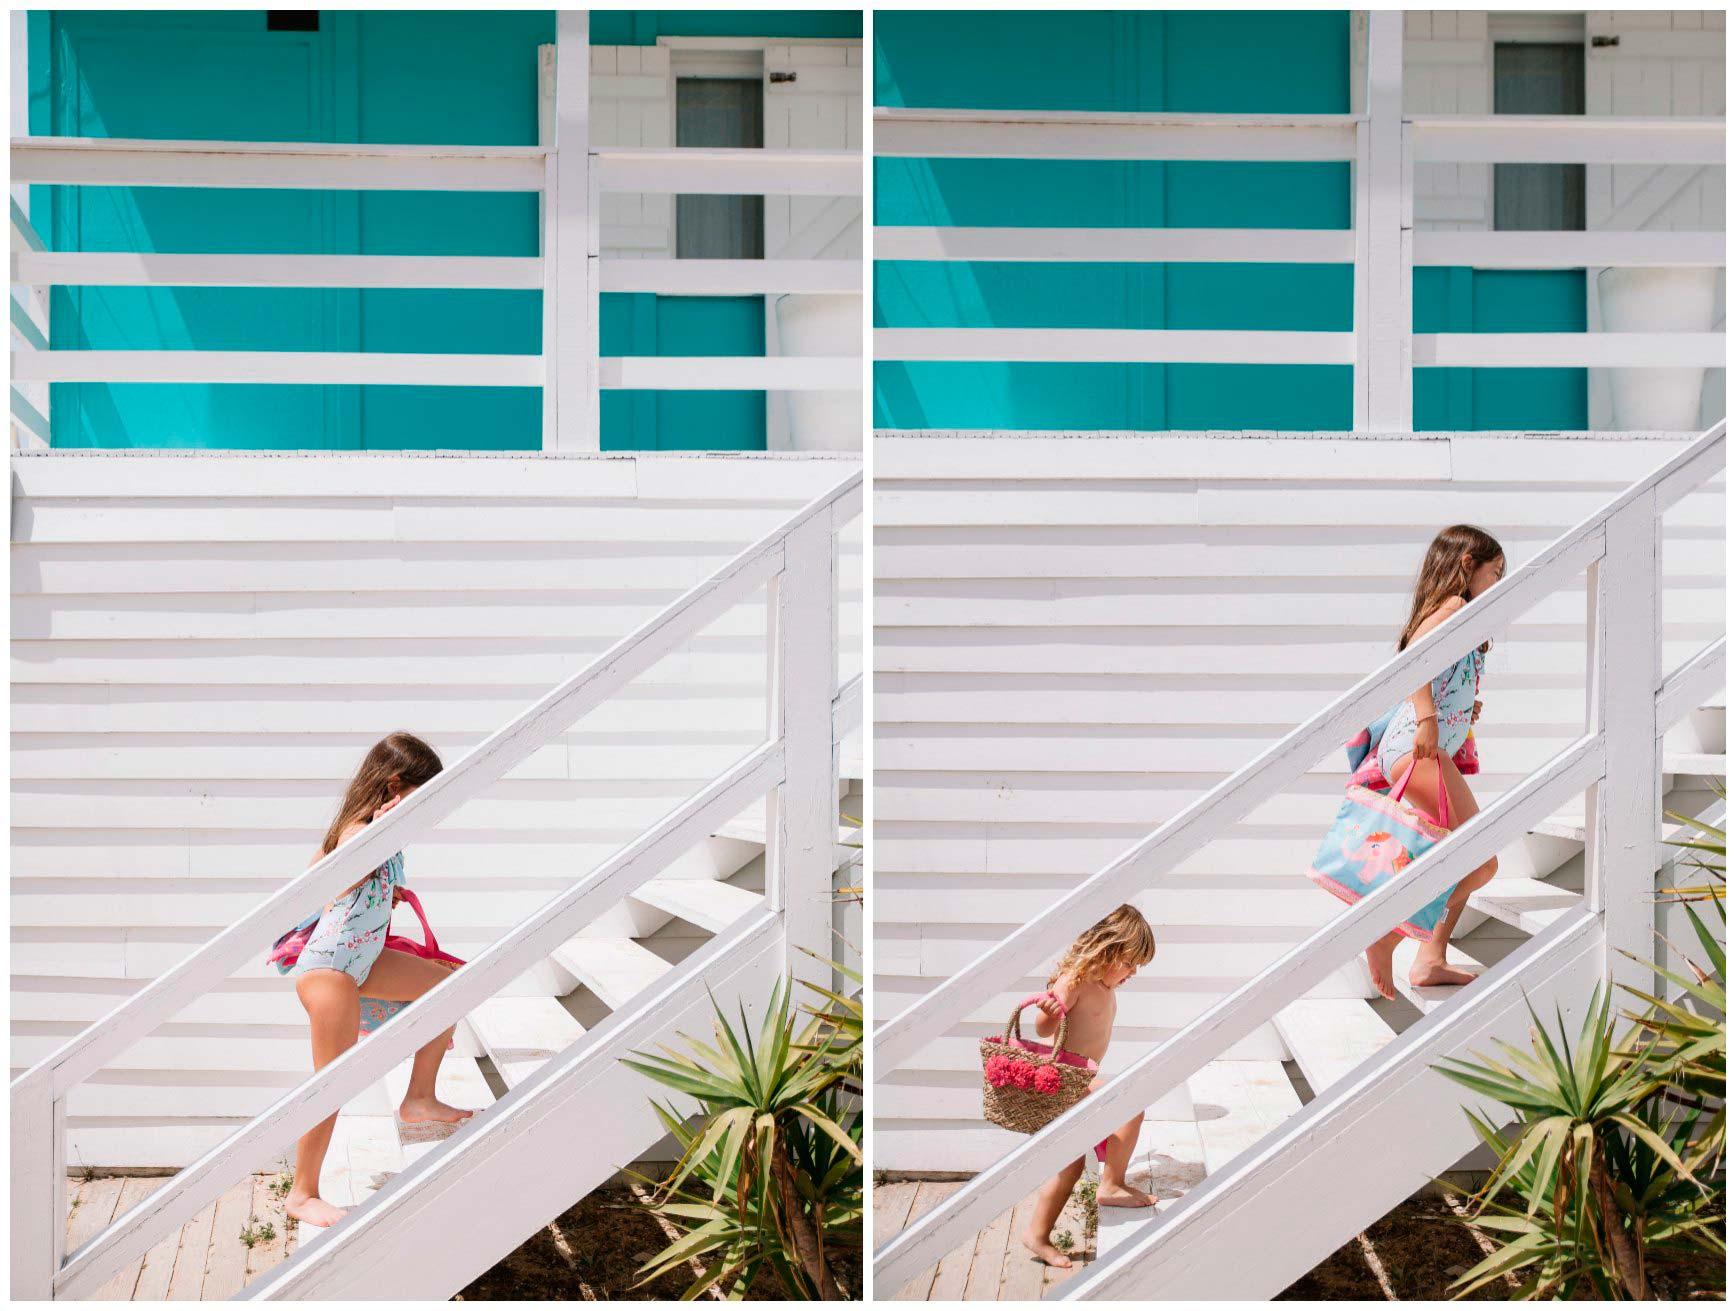 Picnic-playa-Costa Da Caparica-claraBmartin-02